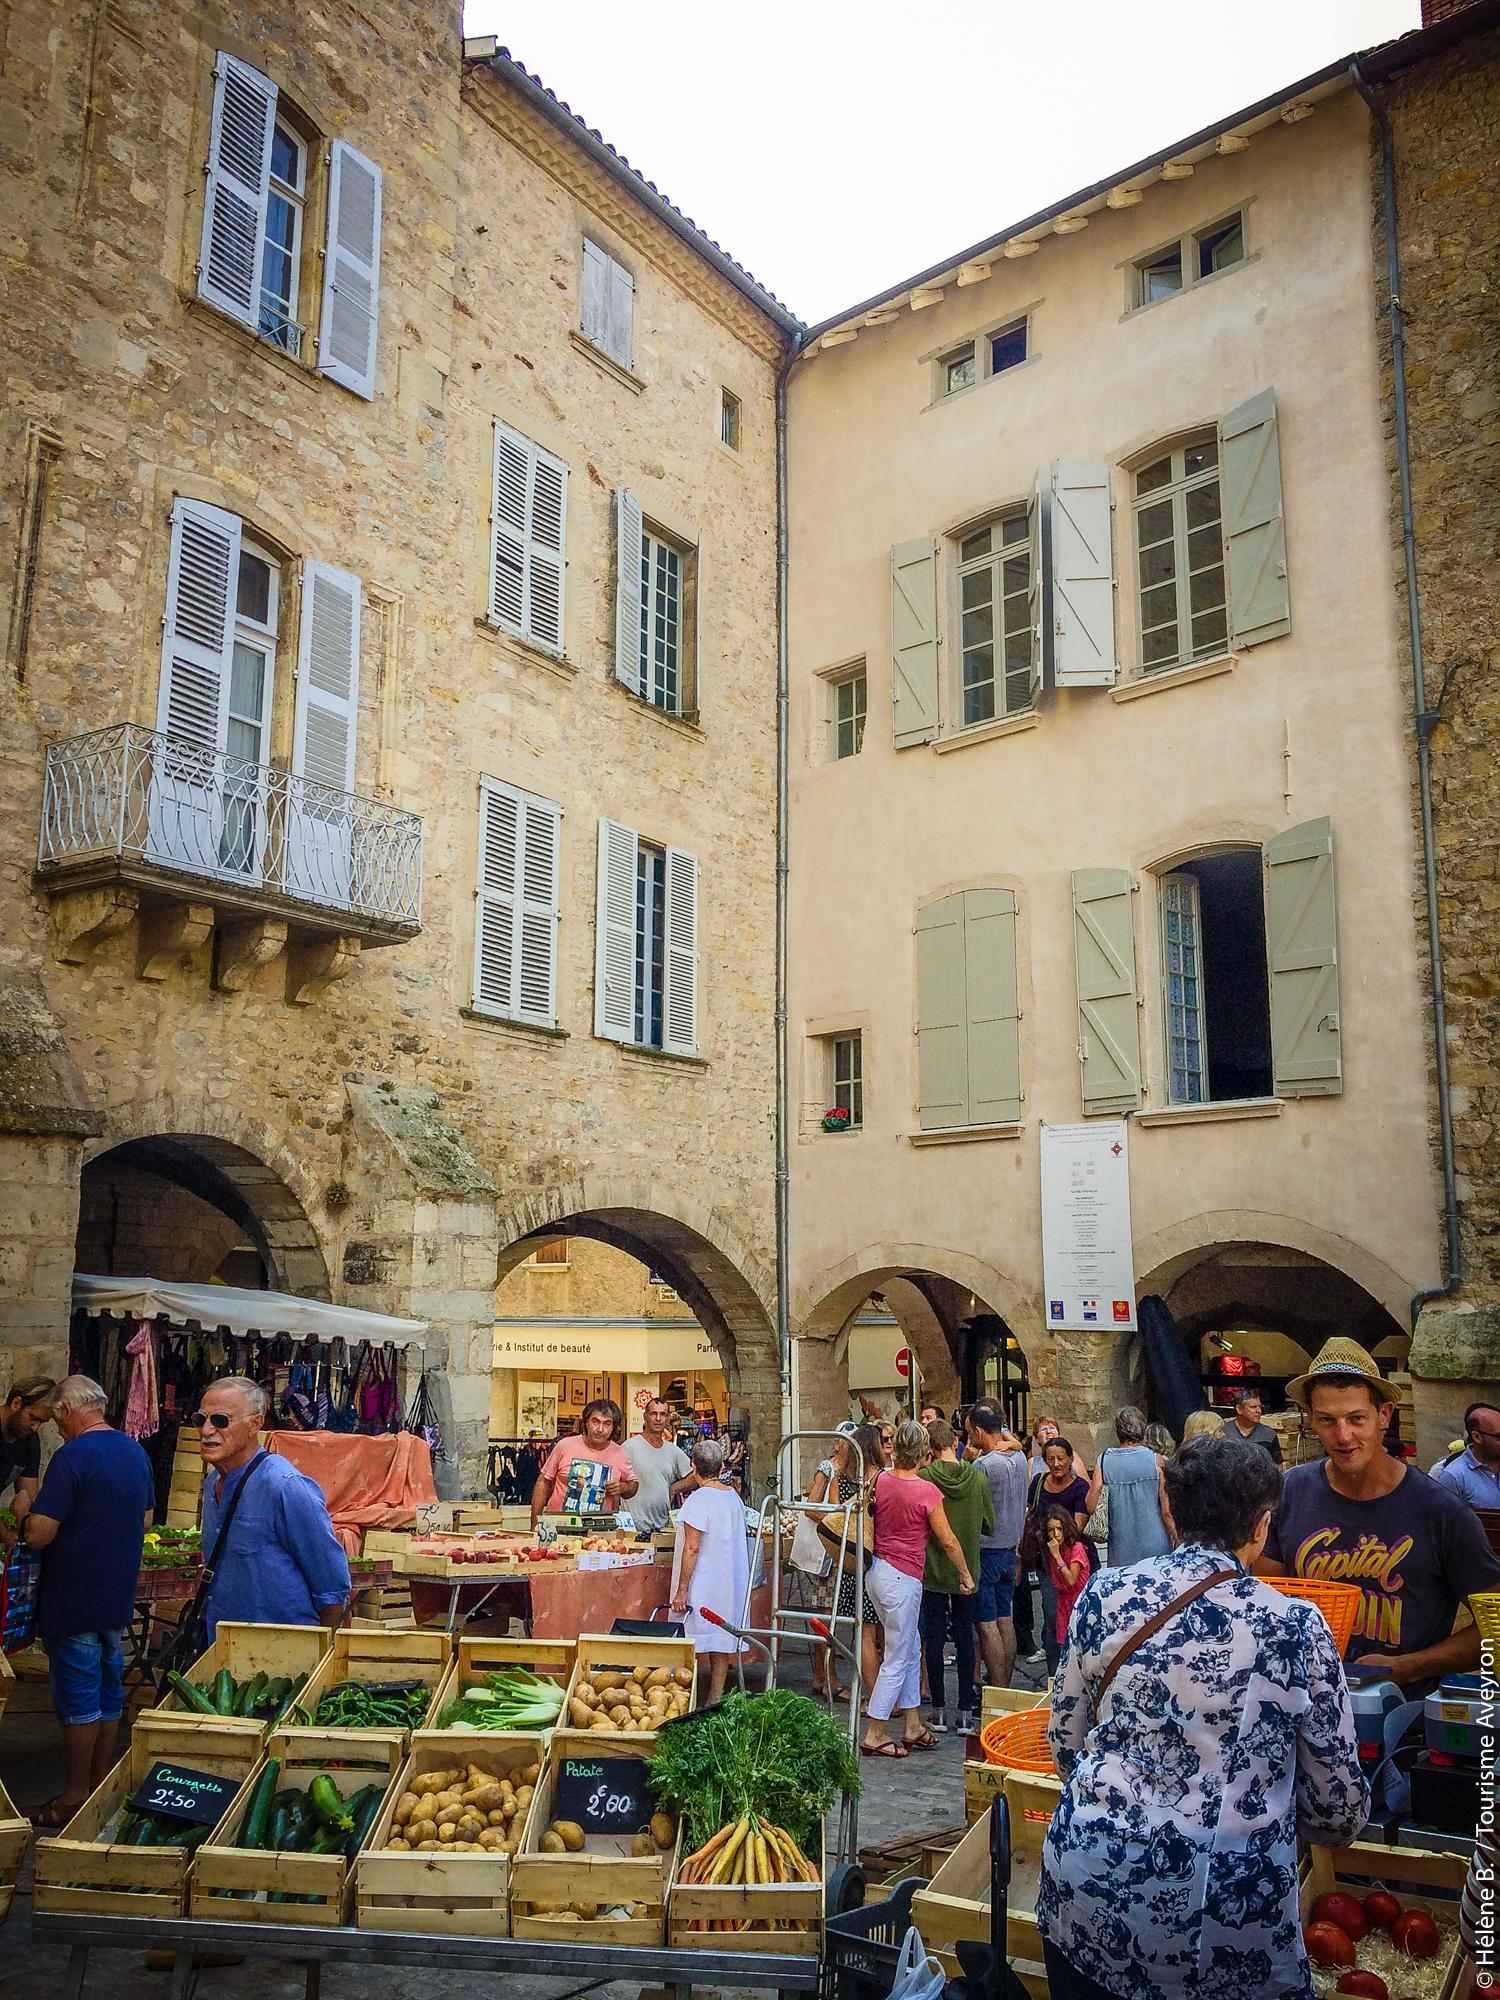 Marché de Villefranche-de-Rouergue, Aveyron